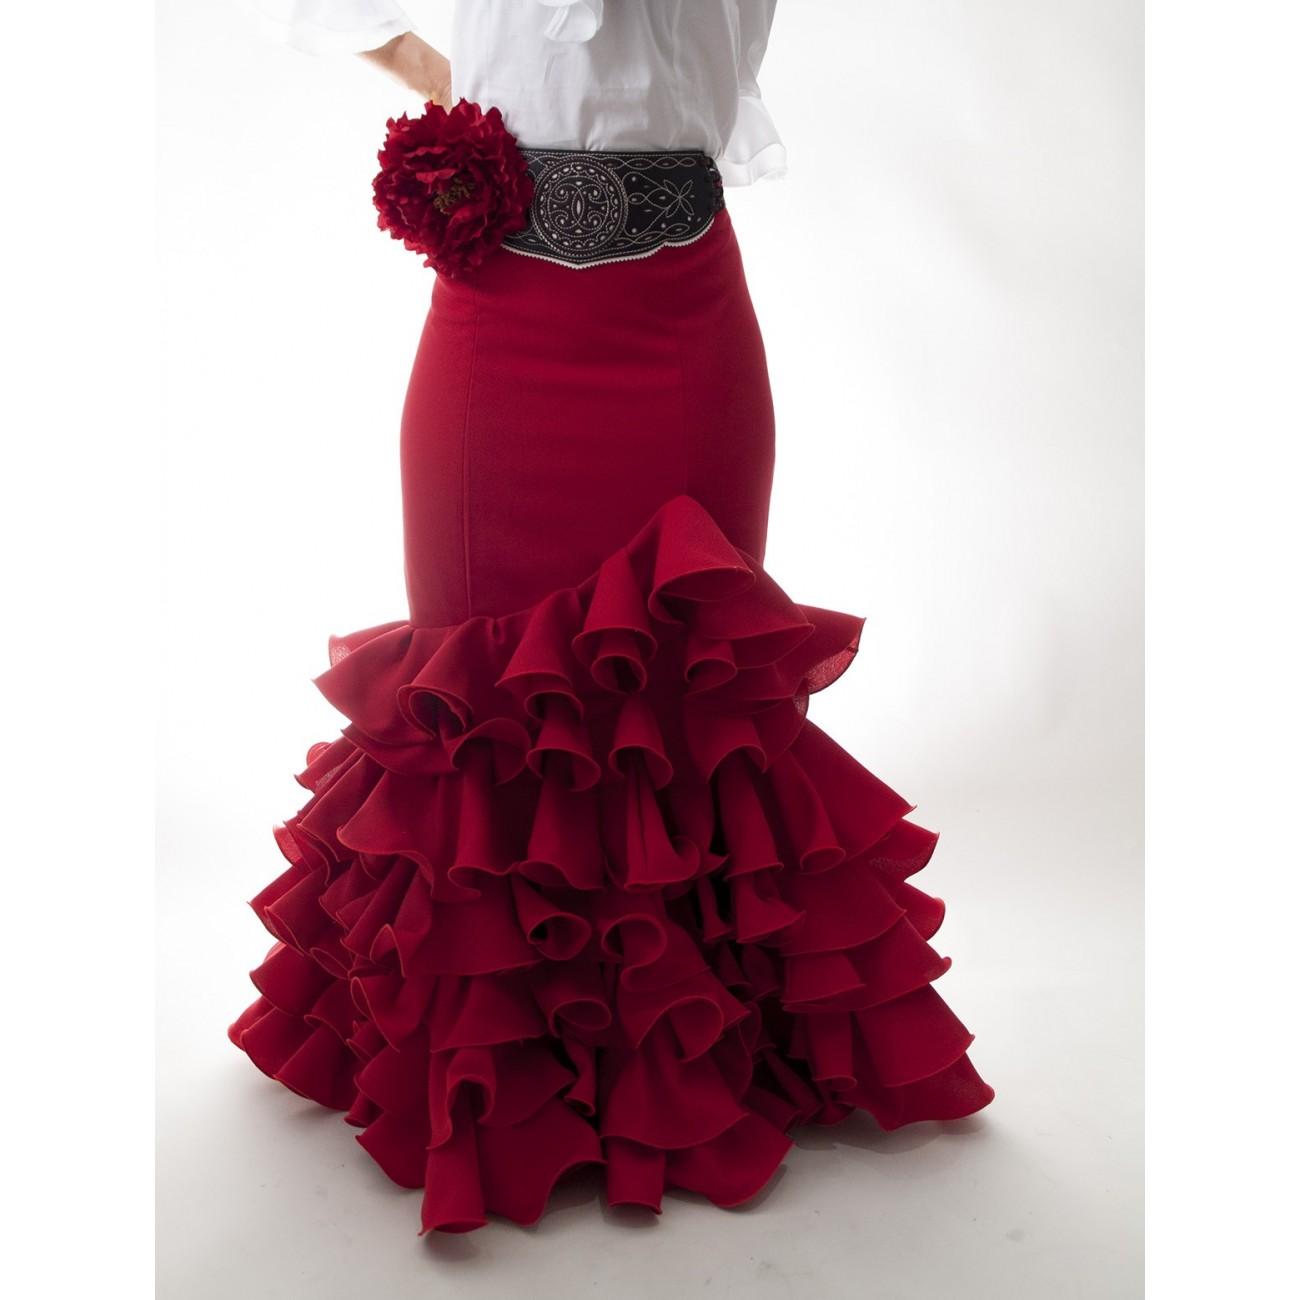 nuevo estilo 594aa d75cb Falda flamenca rociera